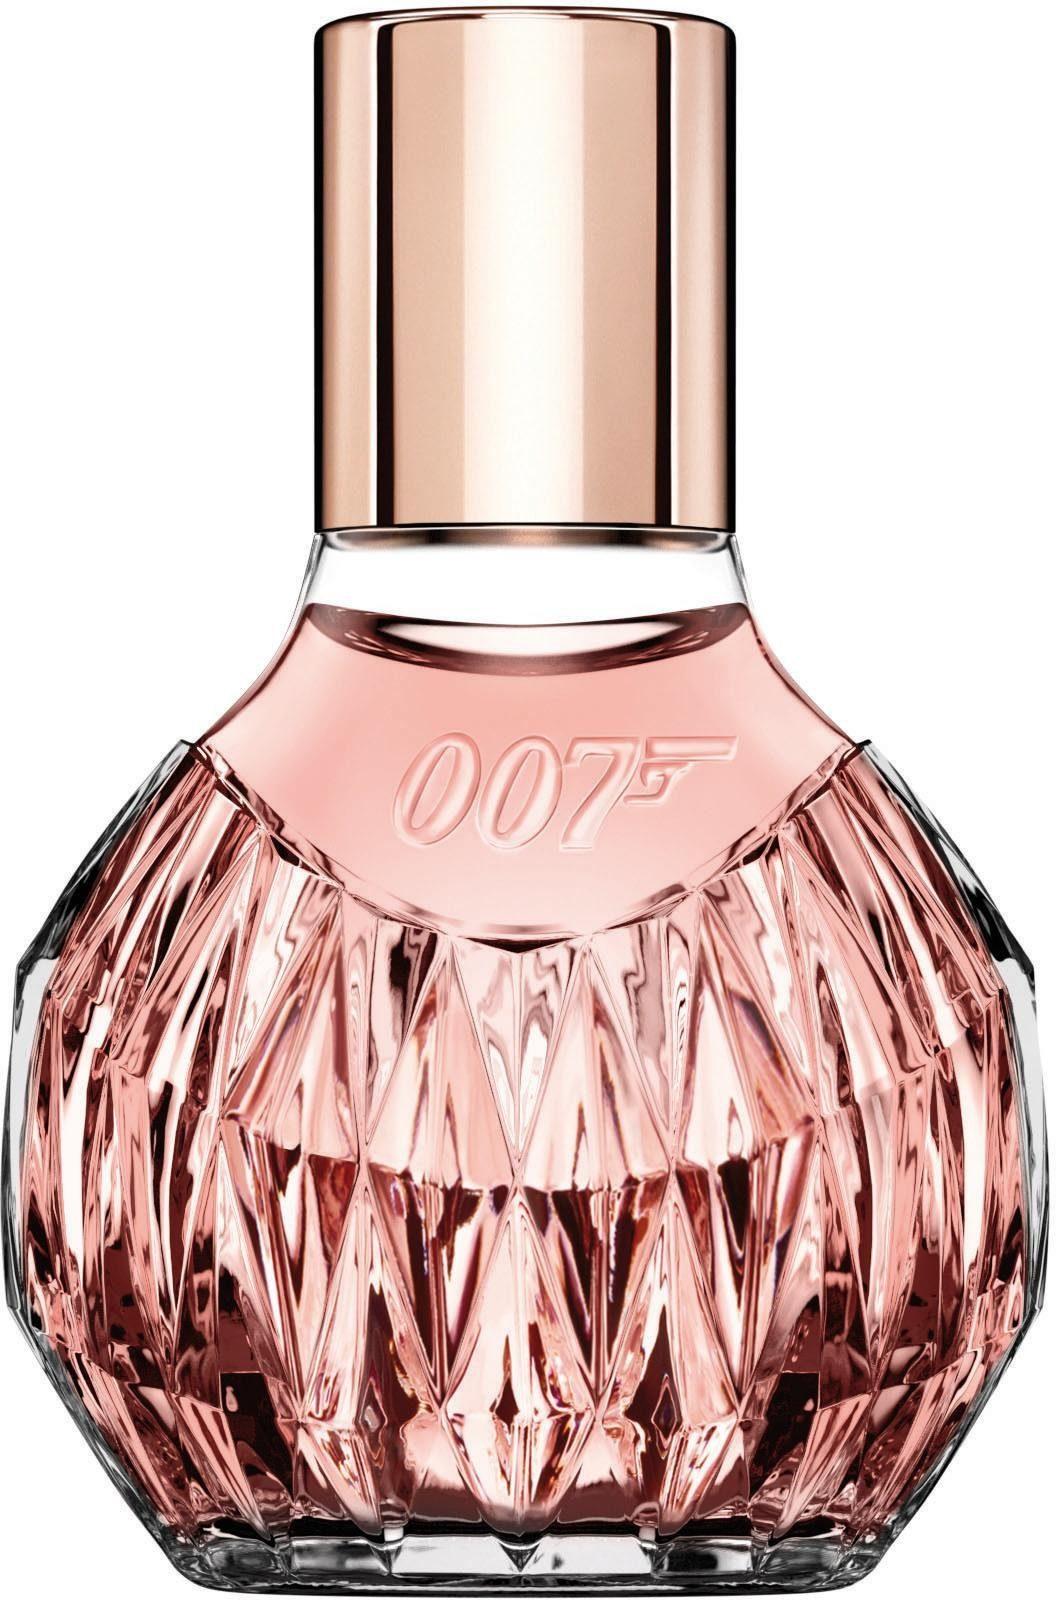 James Bond, »007 For Women II«, Eau de Parfum